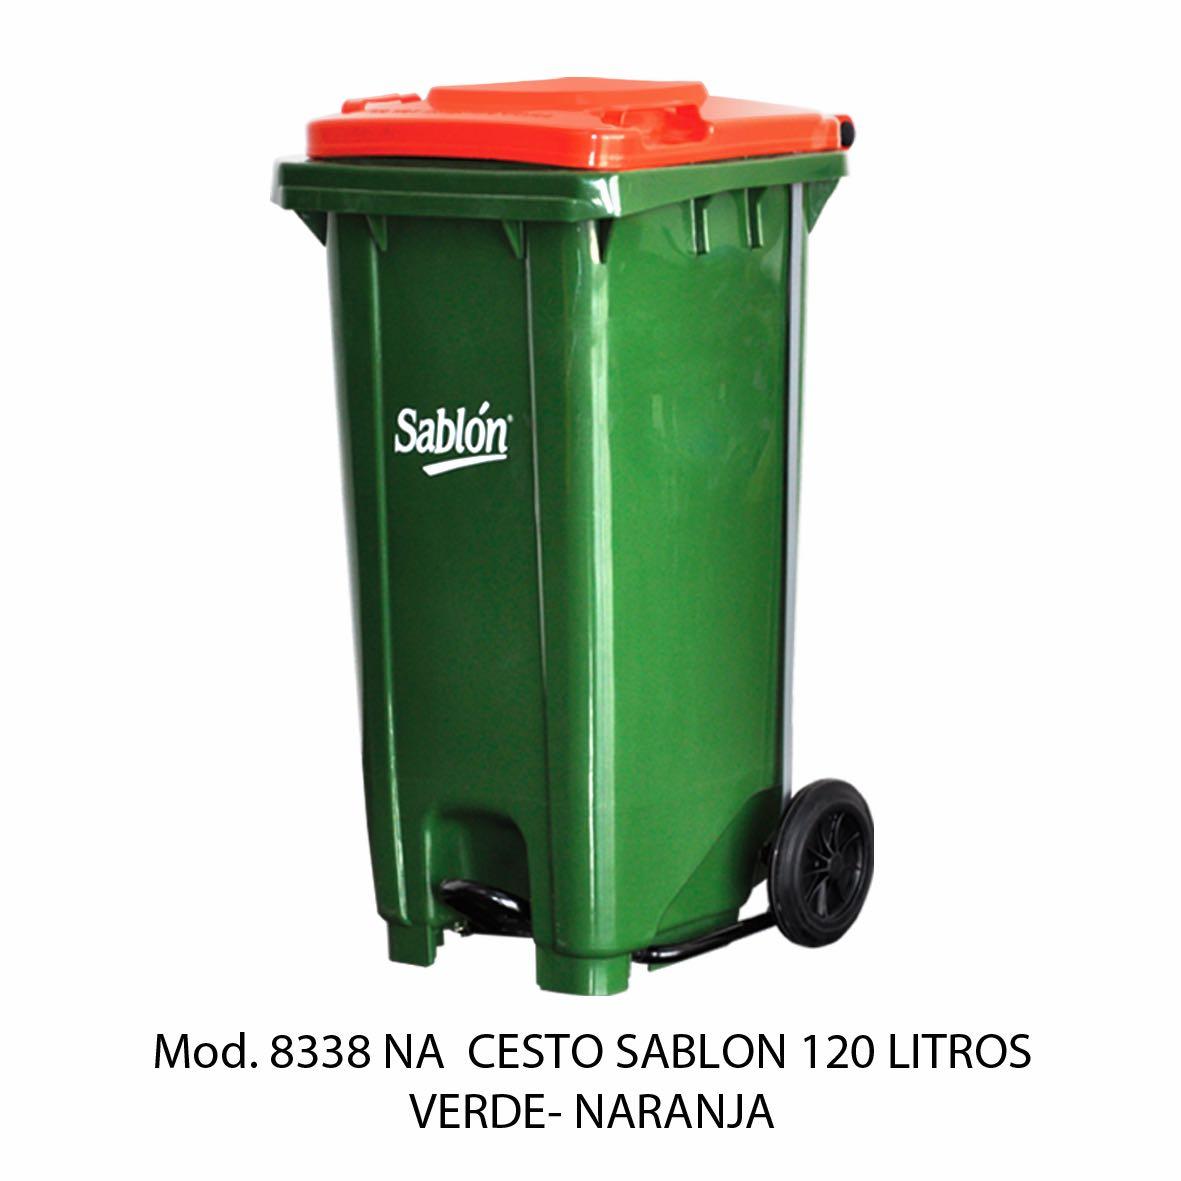 Contenedor para basura de 120 litros cuerpo verde y tapa naranja - Modelo 8338 NA - Sablón